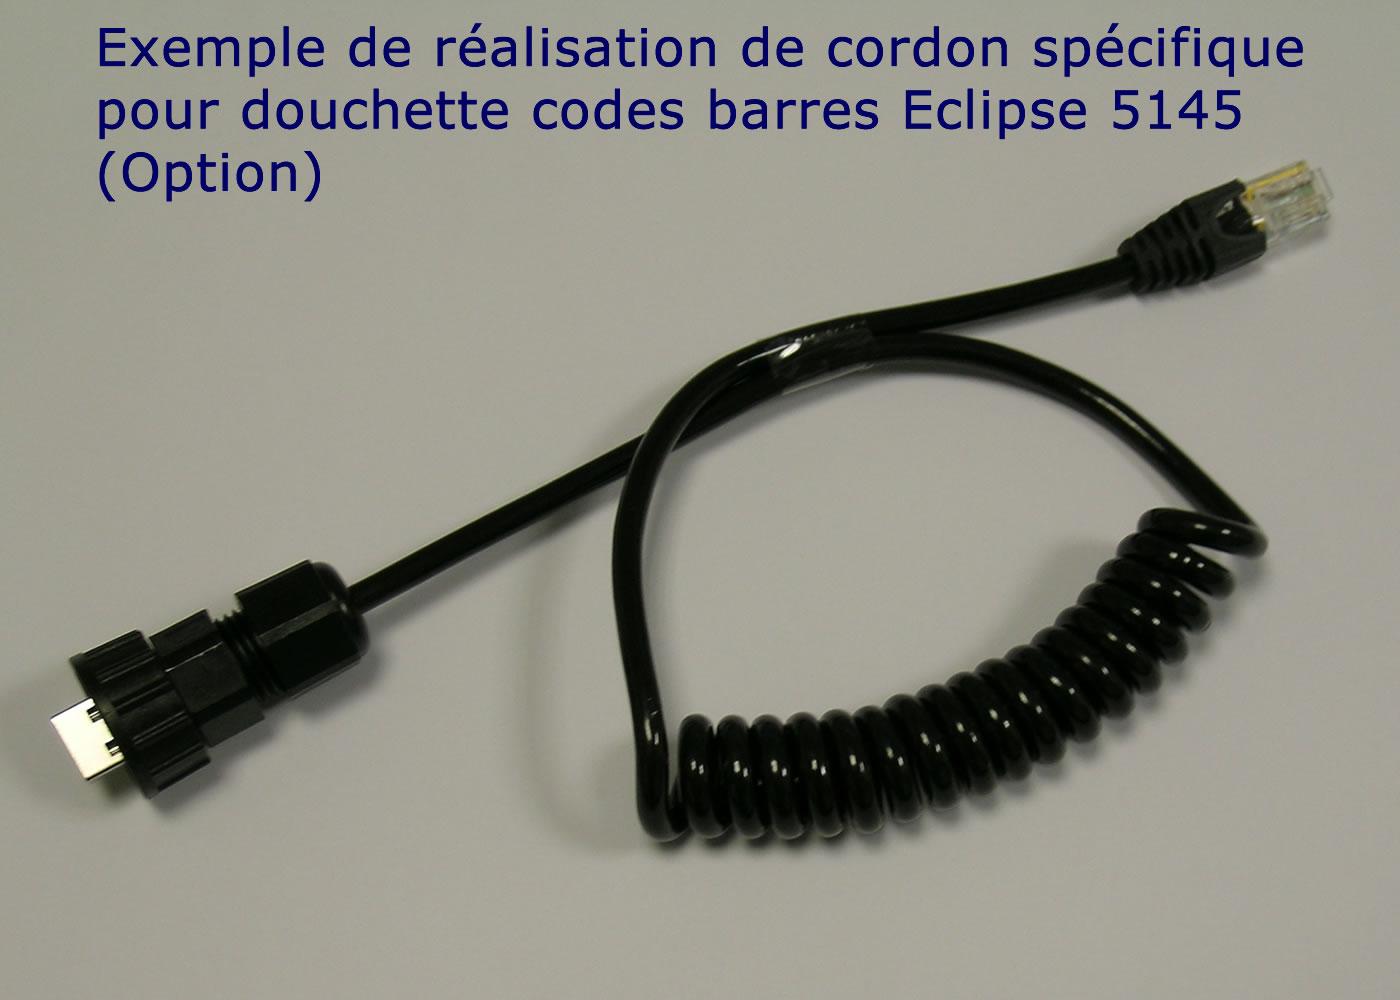 Clavier industriel 17 touches en boitier de table avec hub USB intégré – Cordon verrouillable sur mesure